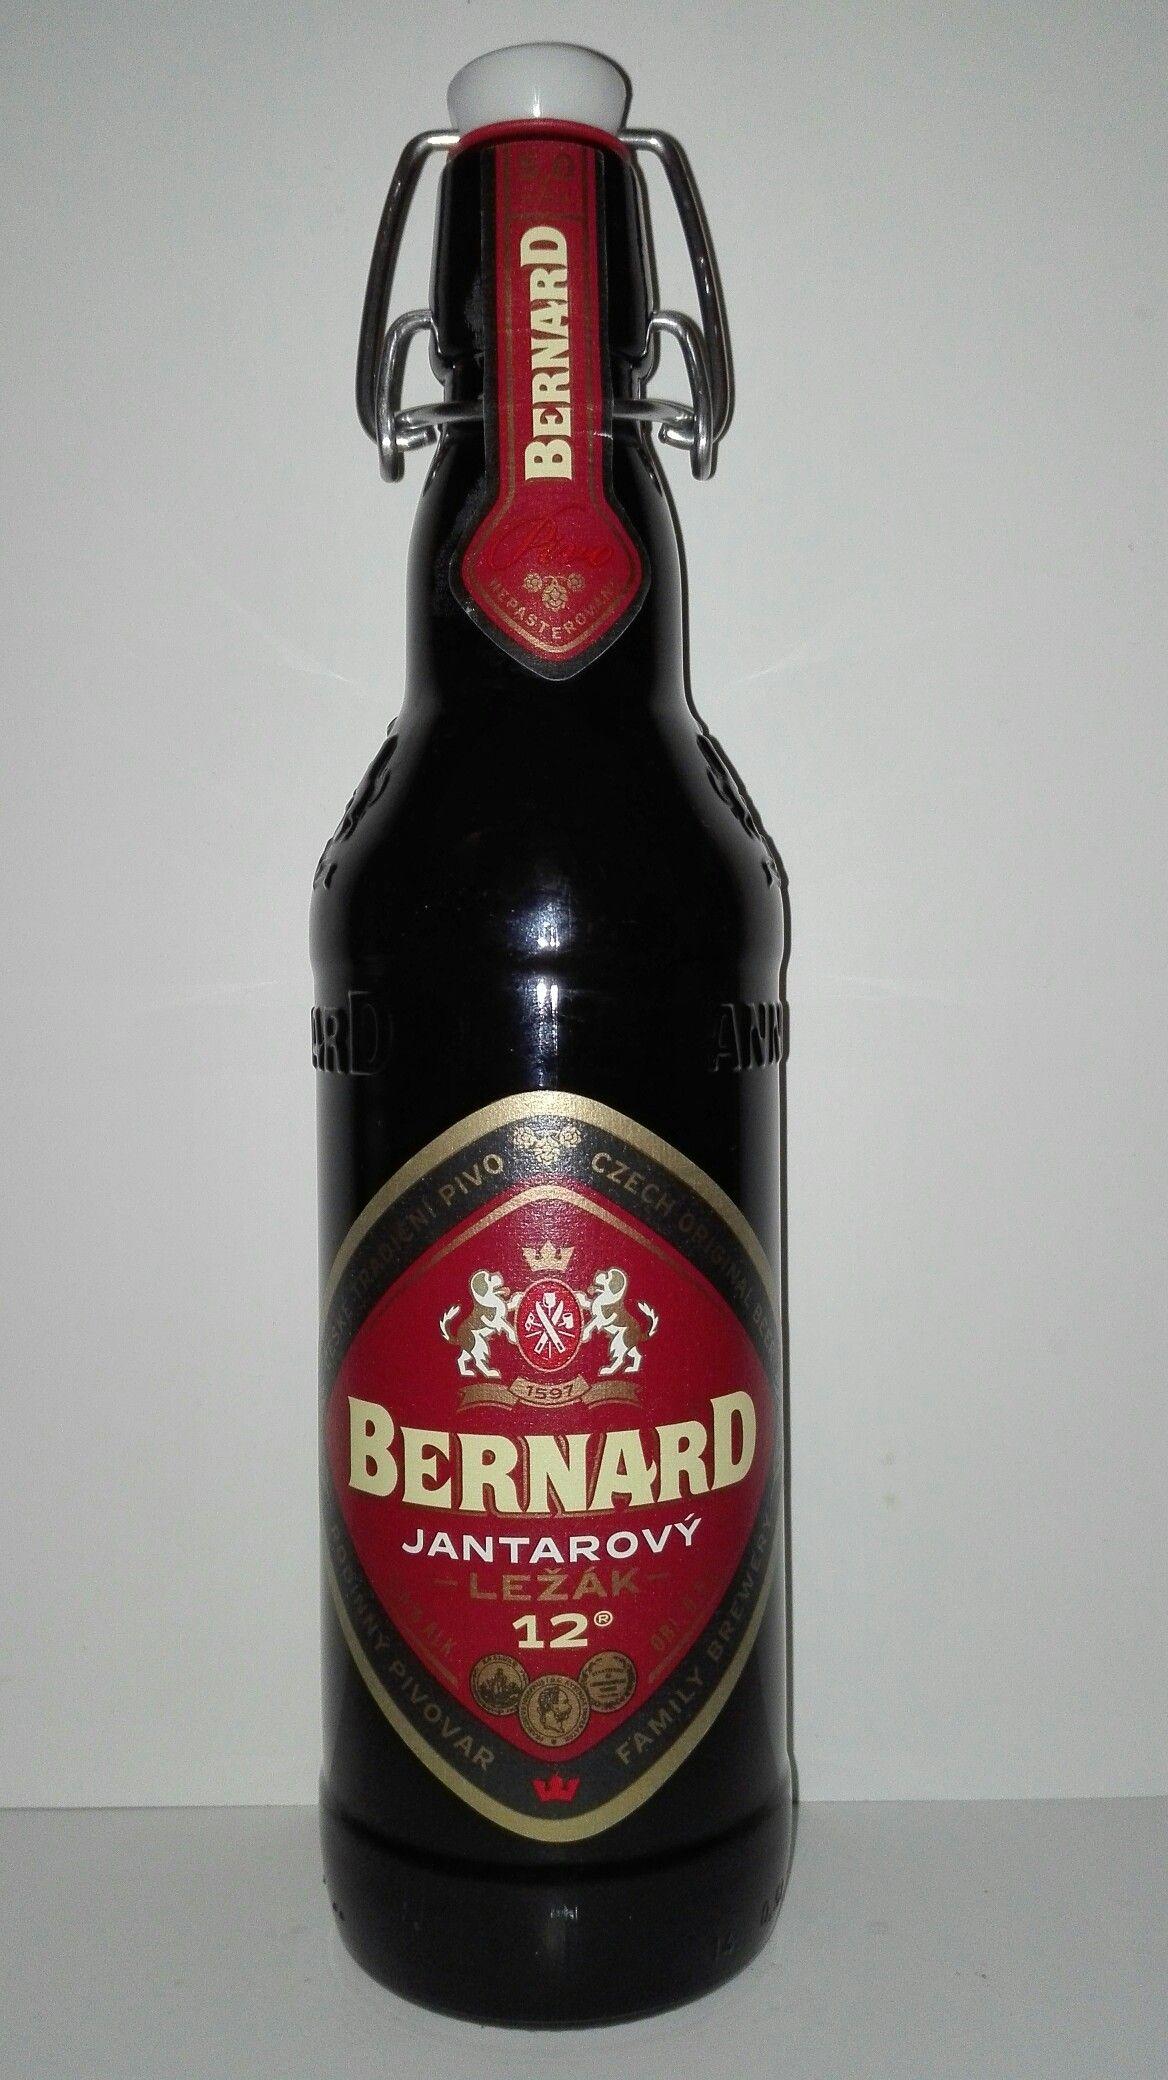 Pivo Bernard Jantarovy Rezane Pivo Czech Beer Beer Label Czech Beer Beer